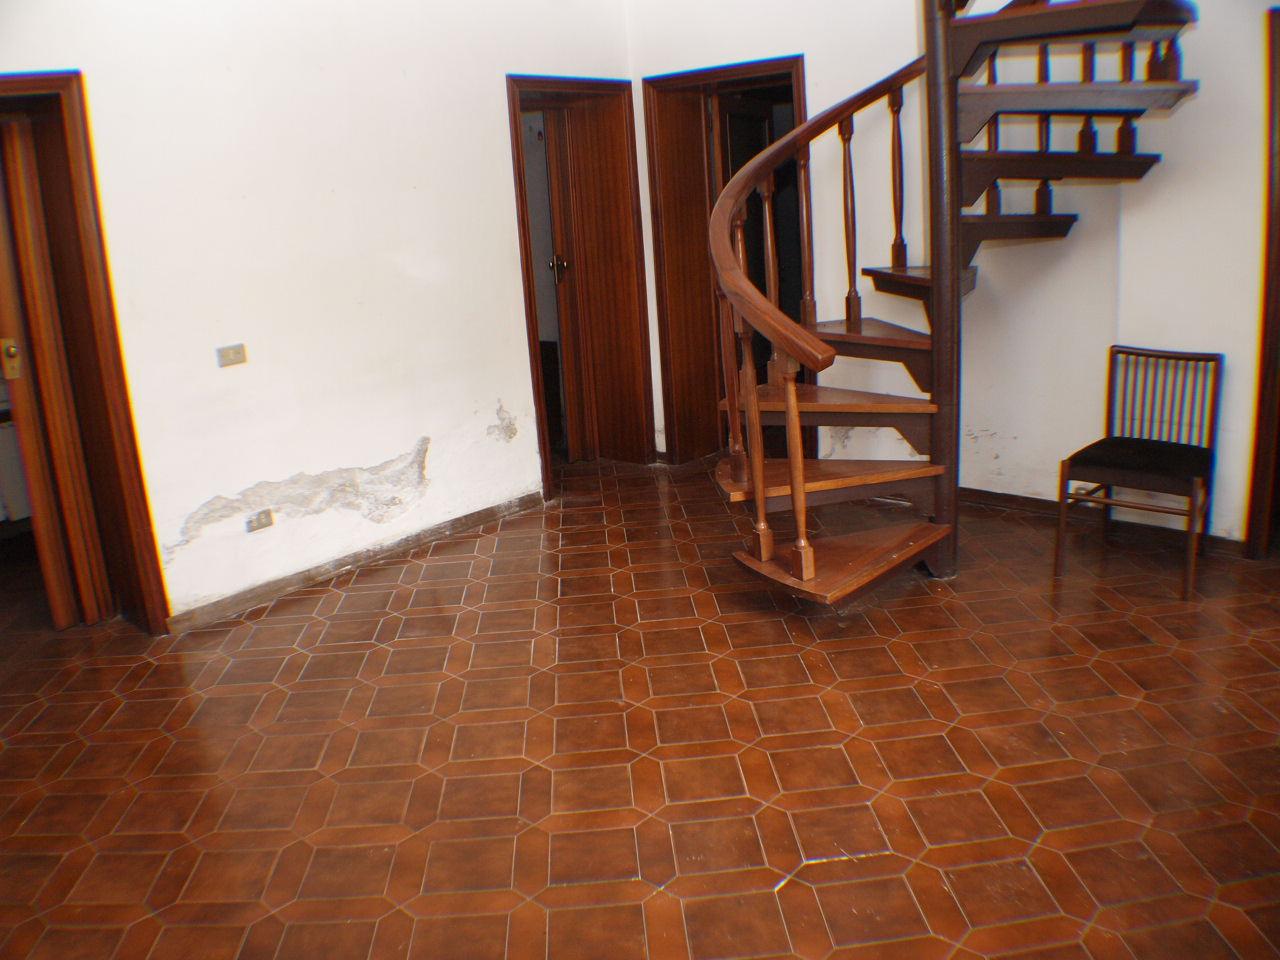 Villa in vendita a Senigallia, 9999 locali, prezzo € 220.000 | CambioCasa.it